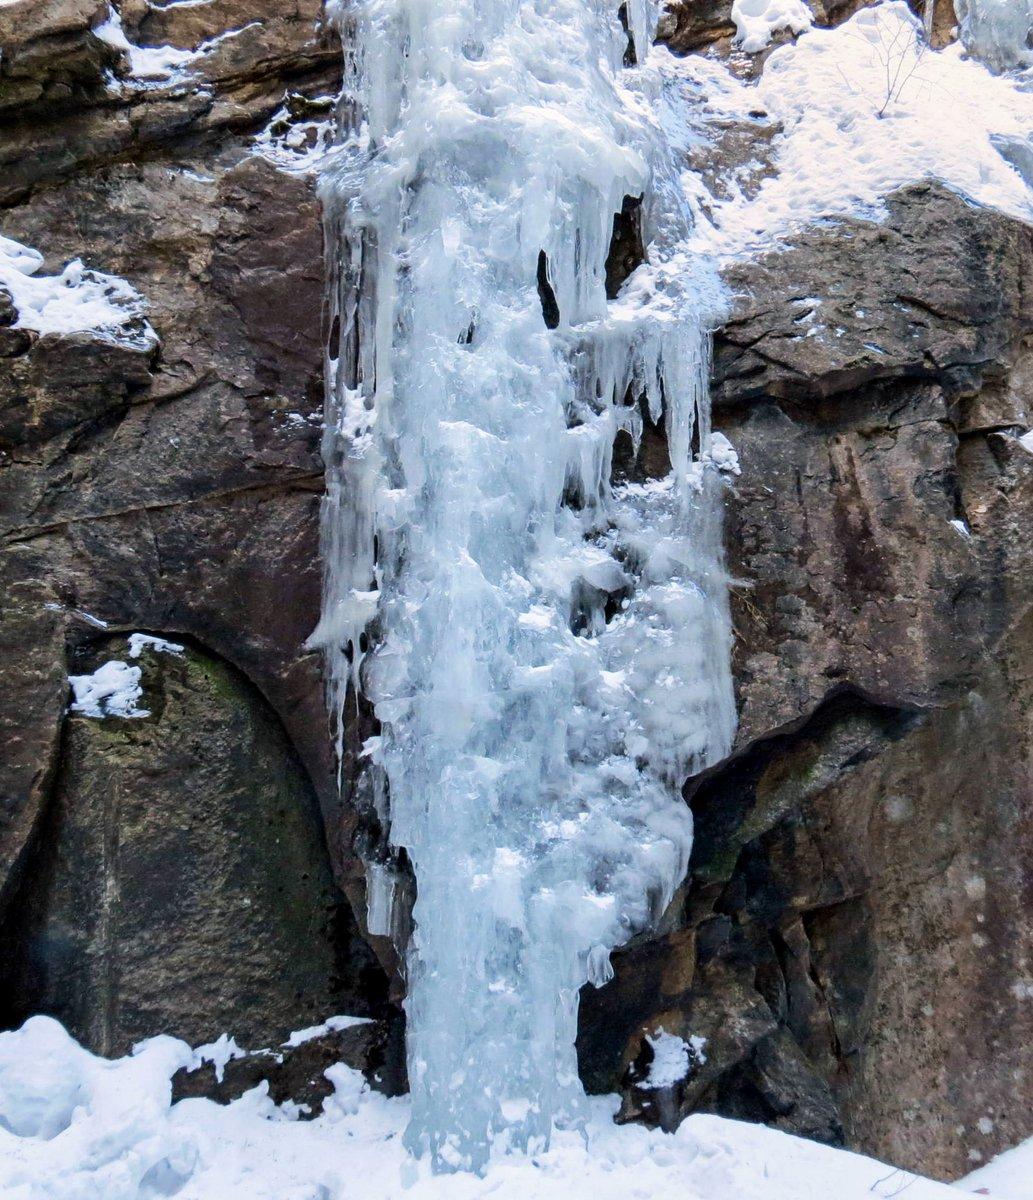 7. Blue Ice